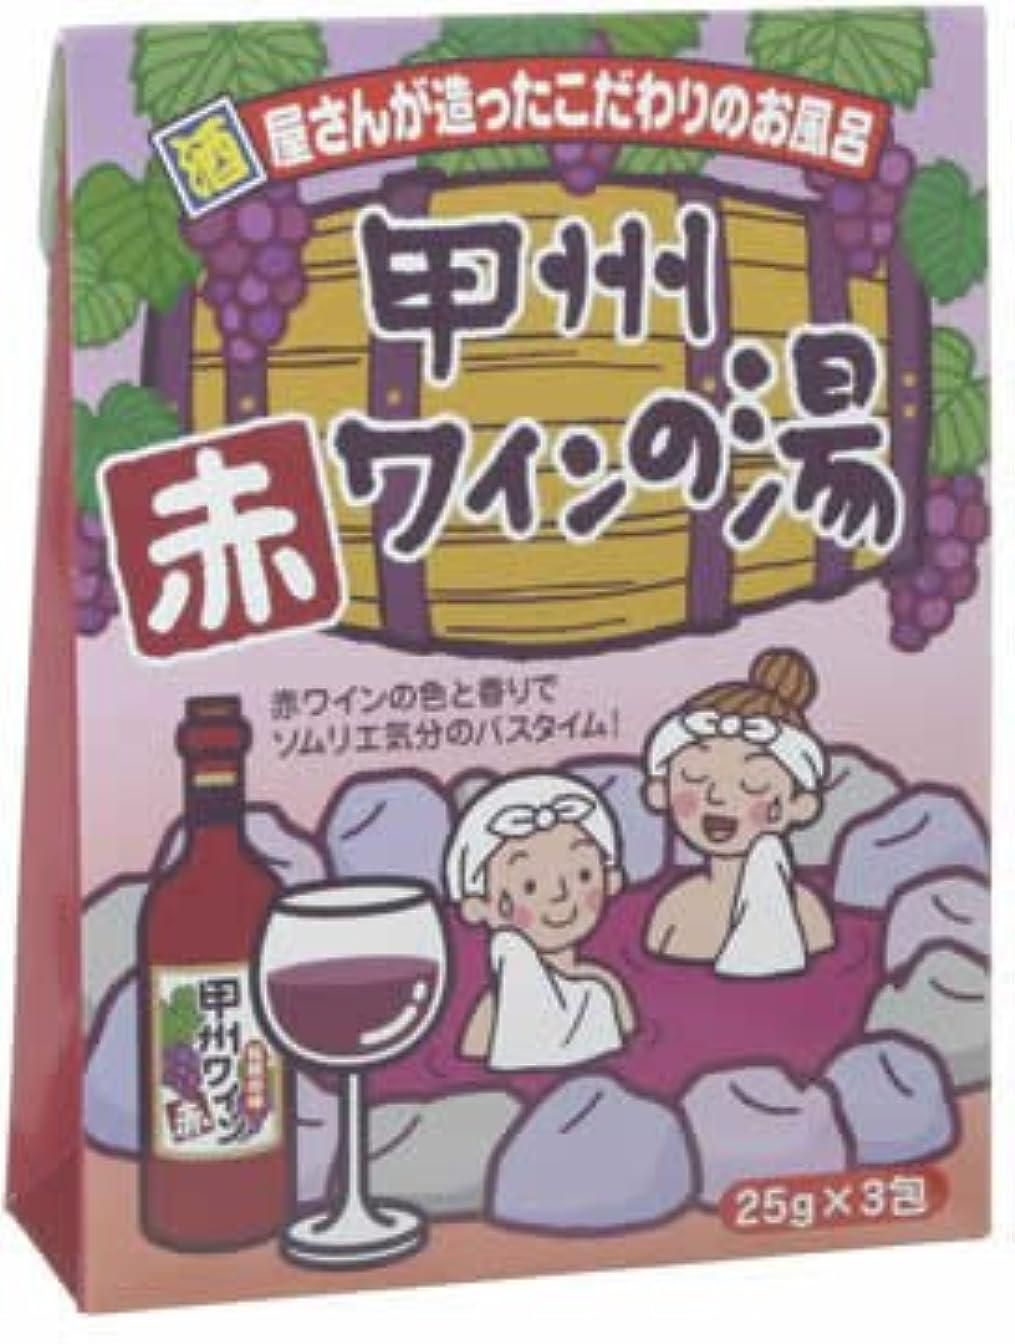 ポット繊細少し甲州 赤ワインの湯 25g*3包